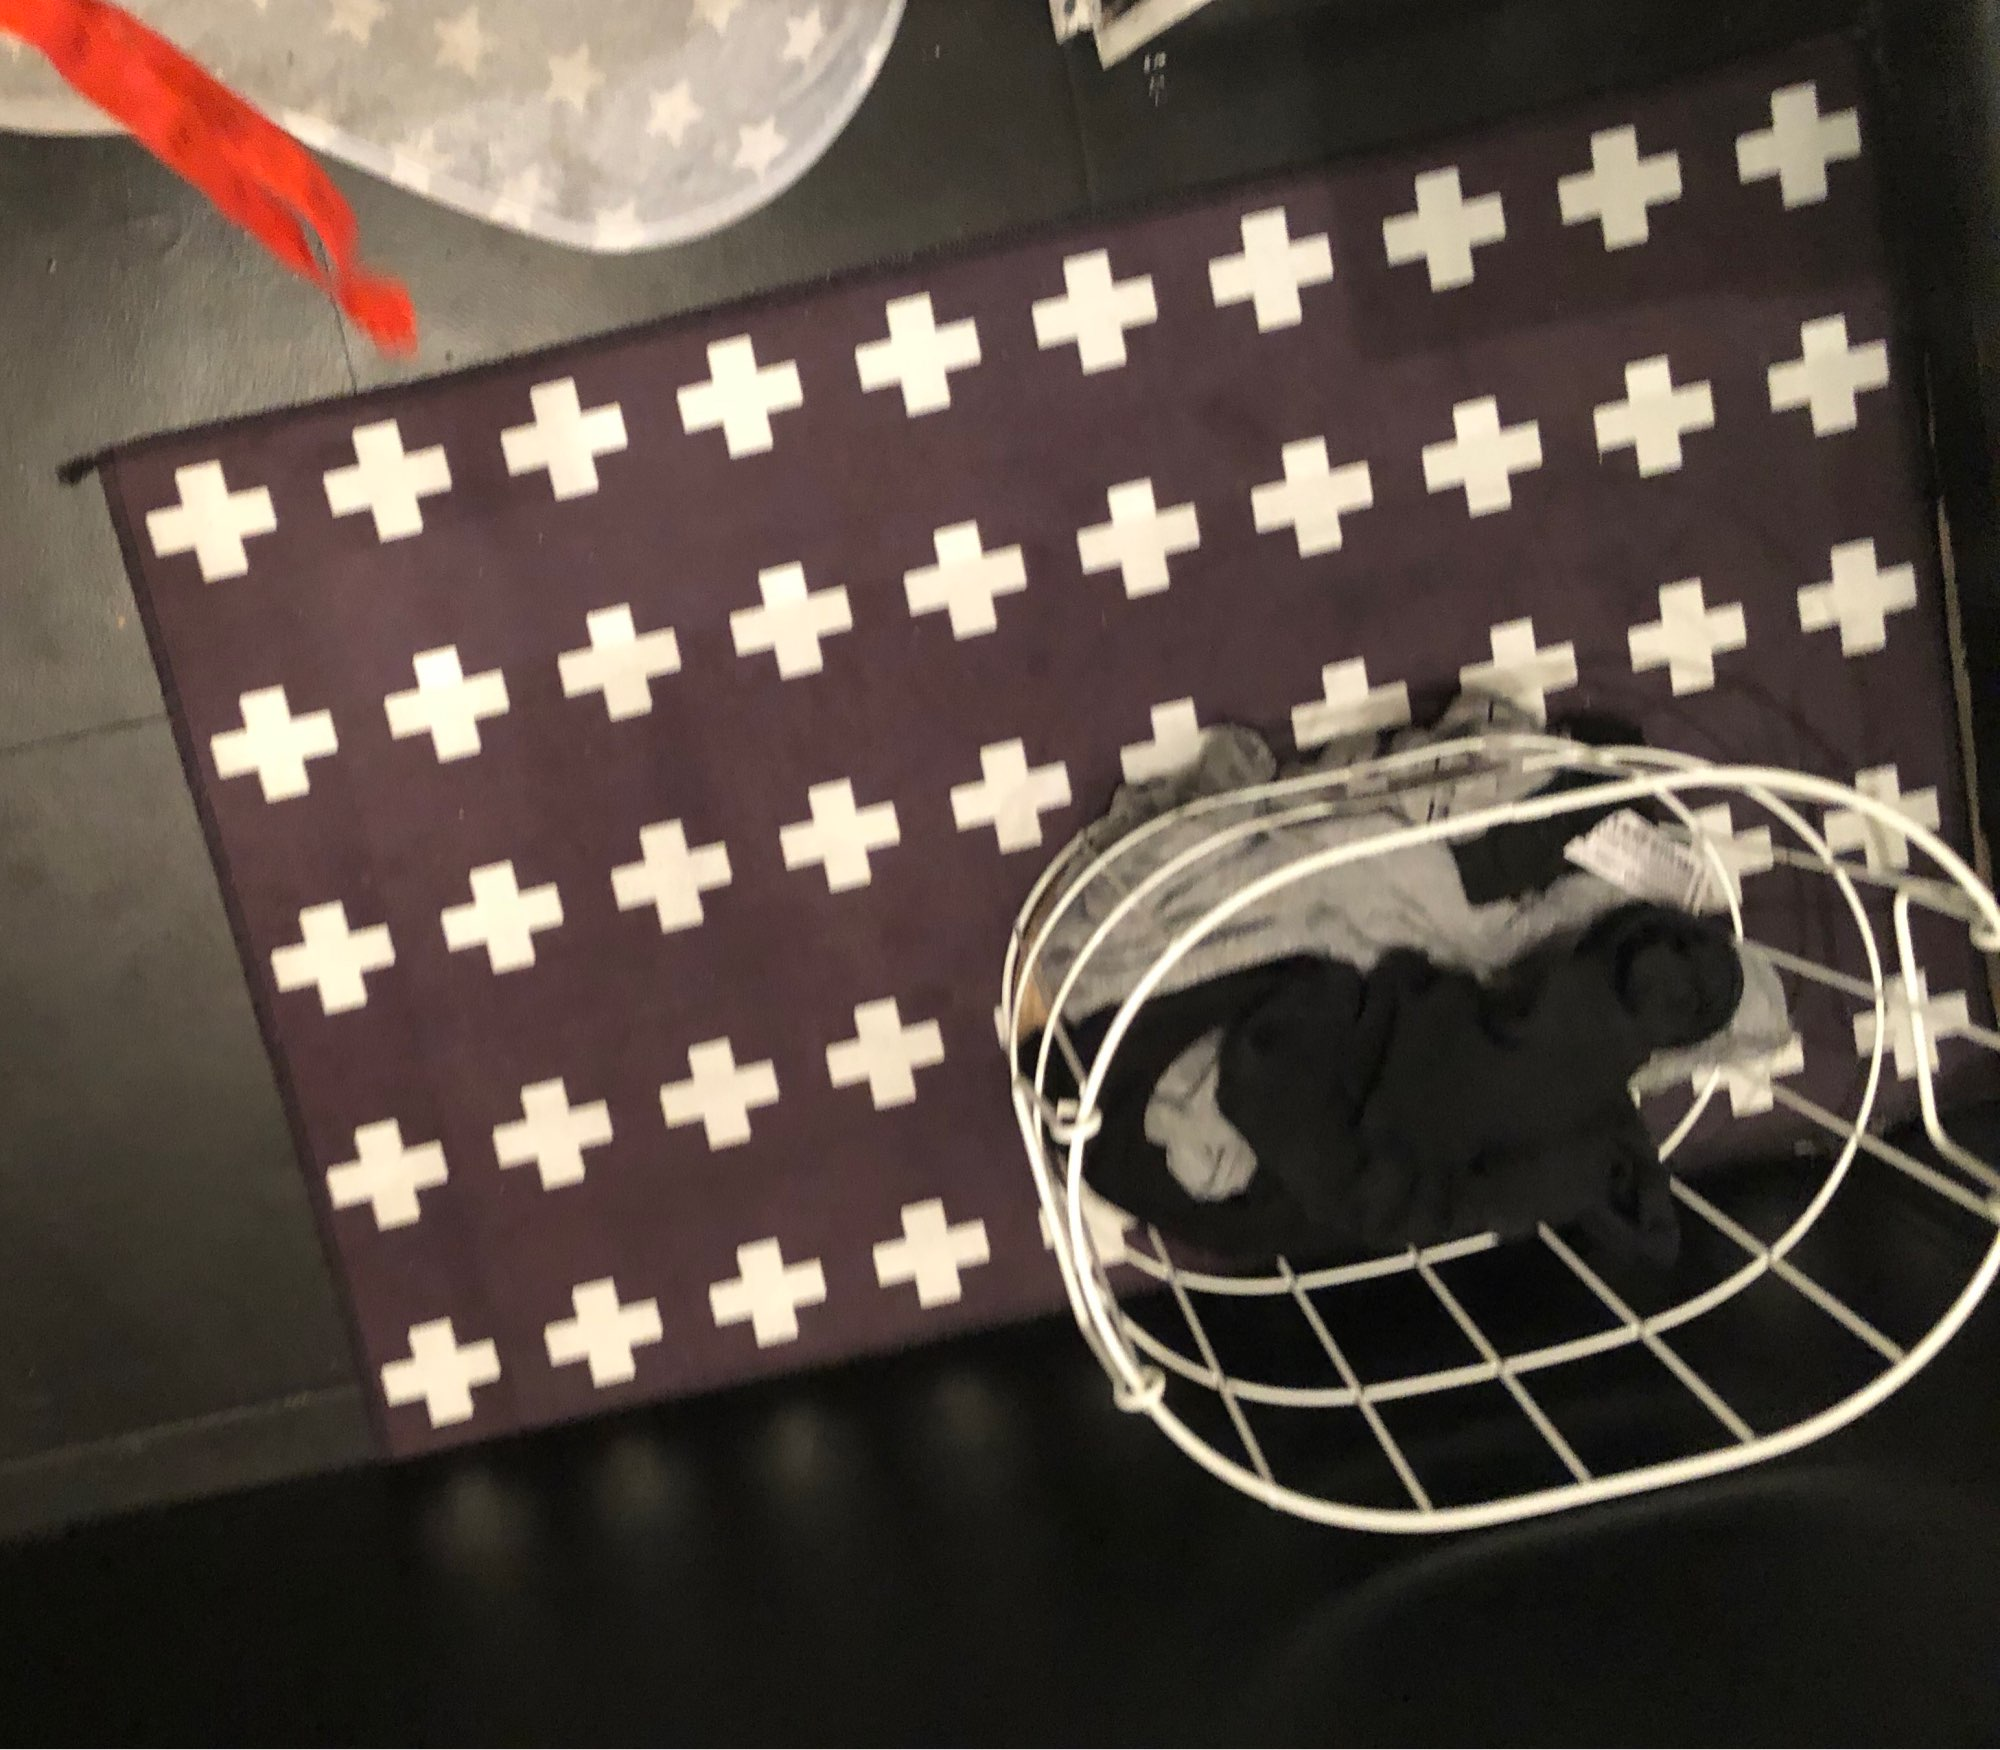 Современный геометрический Коврик для кухни, Противоскользящий коврик для ванной комнаты, домашний Коврик для прихожей/прихожей, коврик для шкафа/балкона, креативный ковер - Цвет: 6